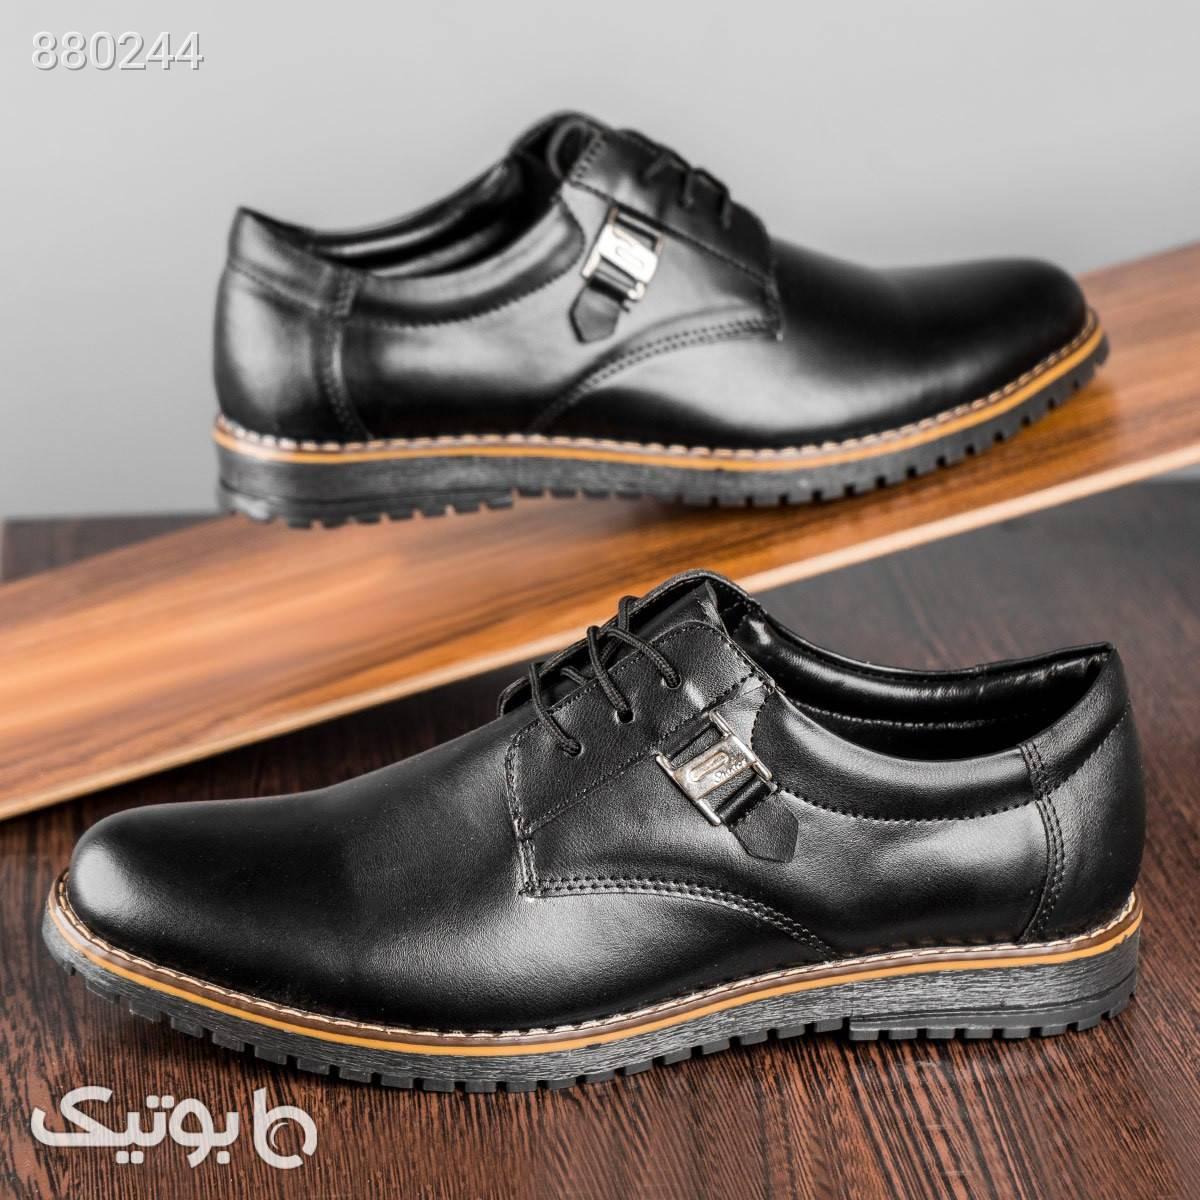 کفش کالج مردانه مدل Hamon مشکی كفش مردانه